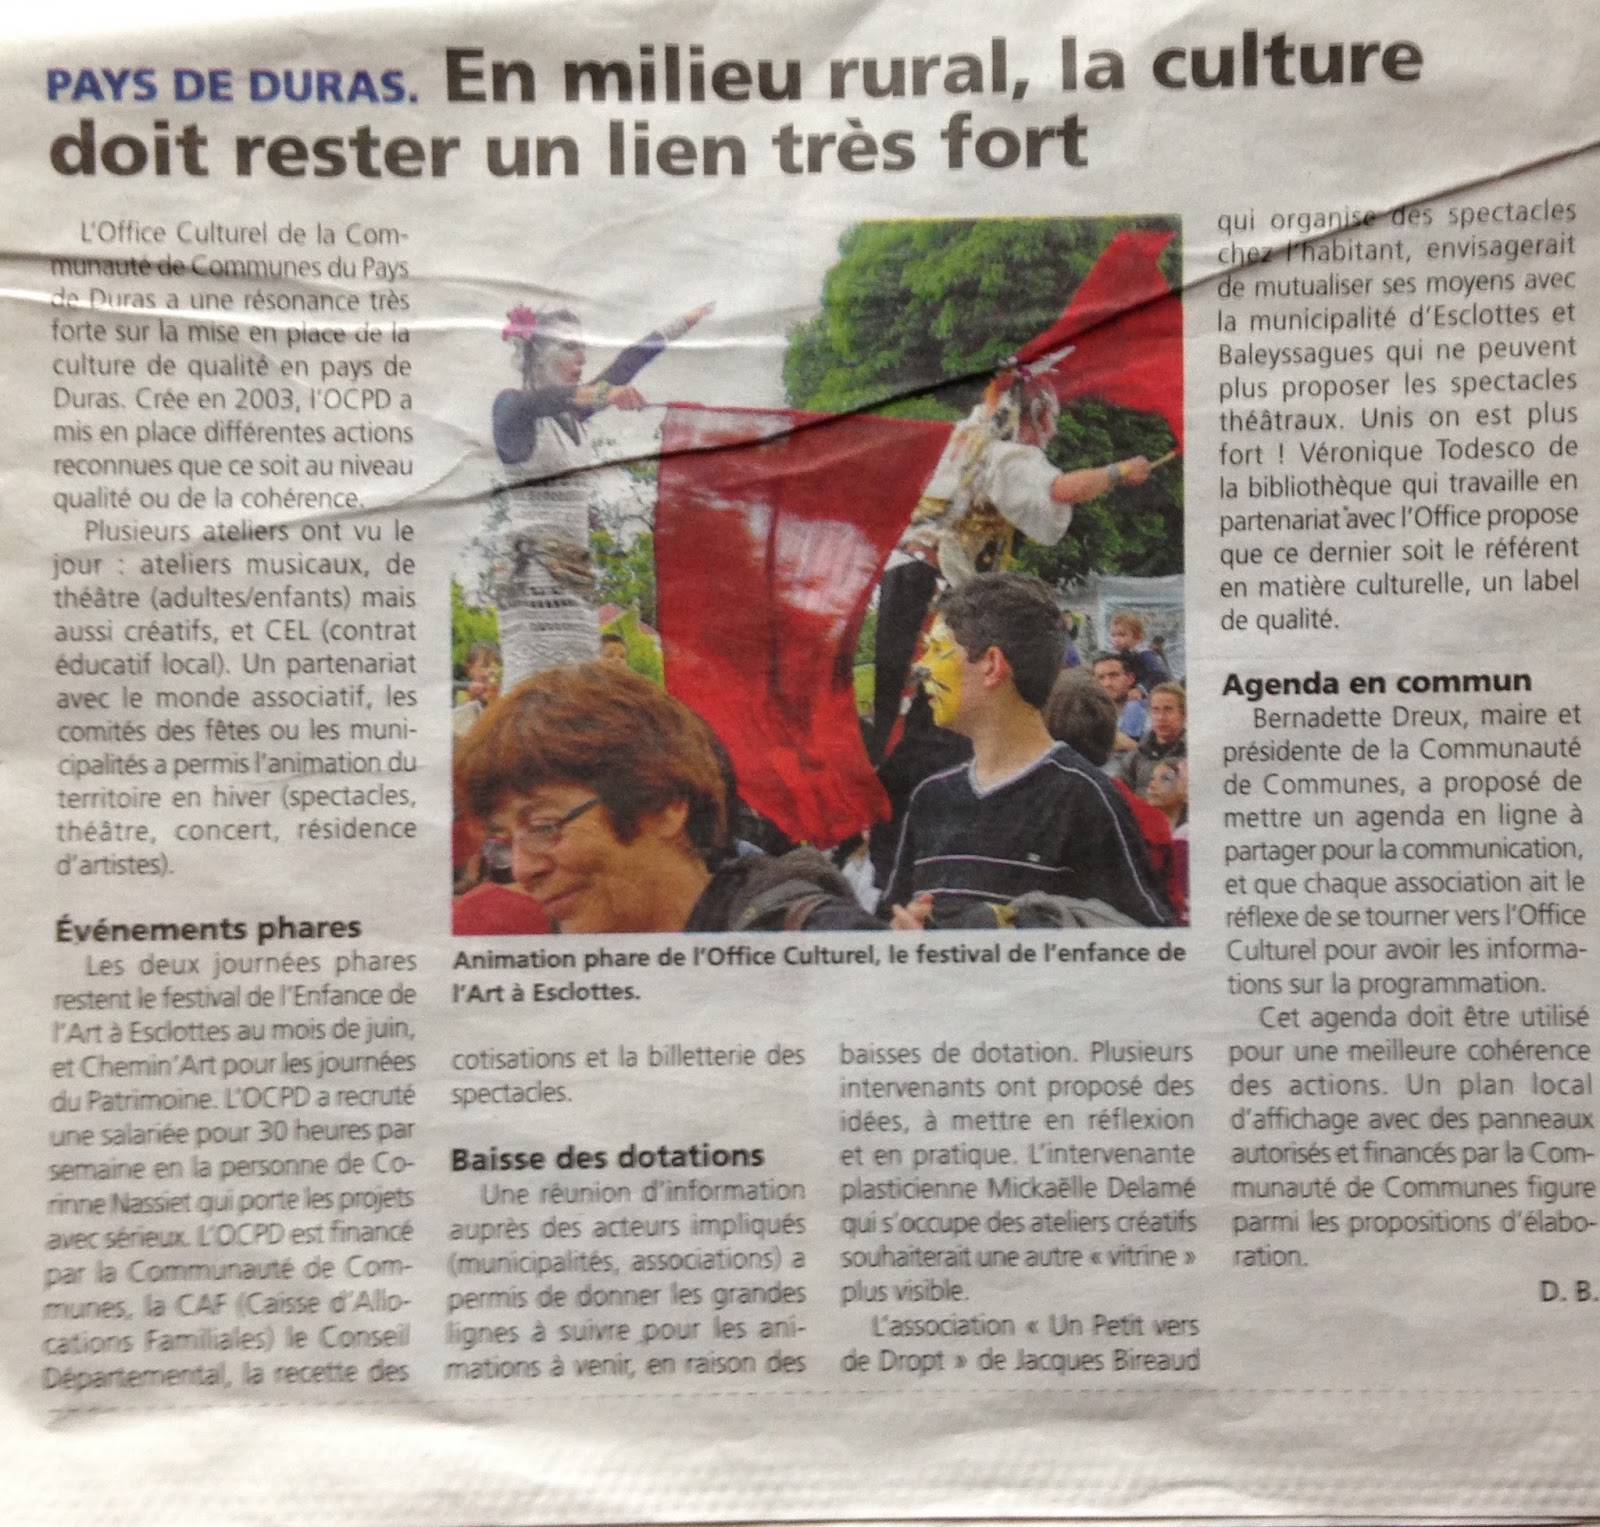 Soumensac duras la culture en milieu rural dans le canton for En milieu rural